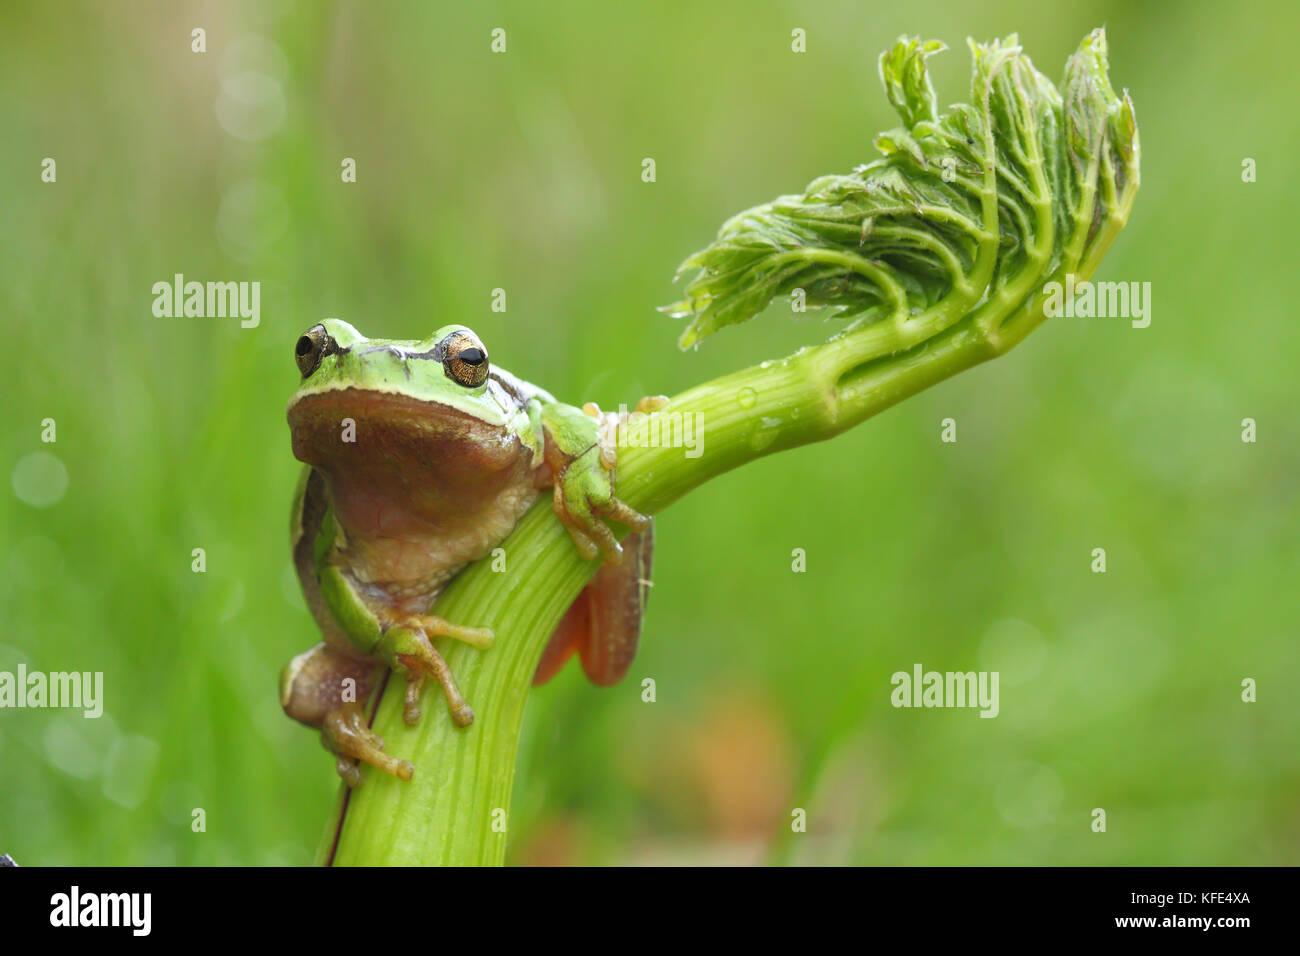 European tree frog (Hyla arborea) on a green plant Stock Photo